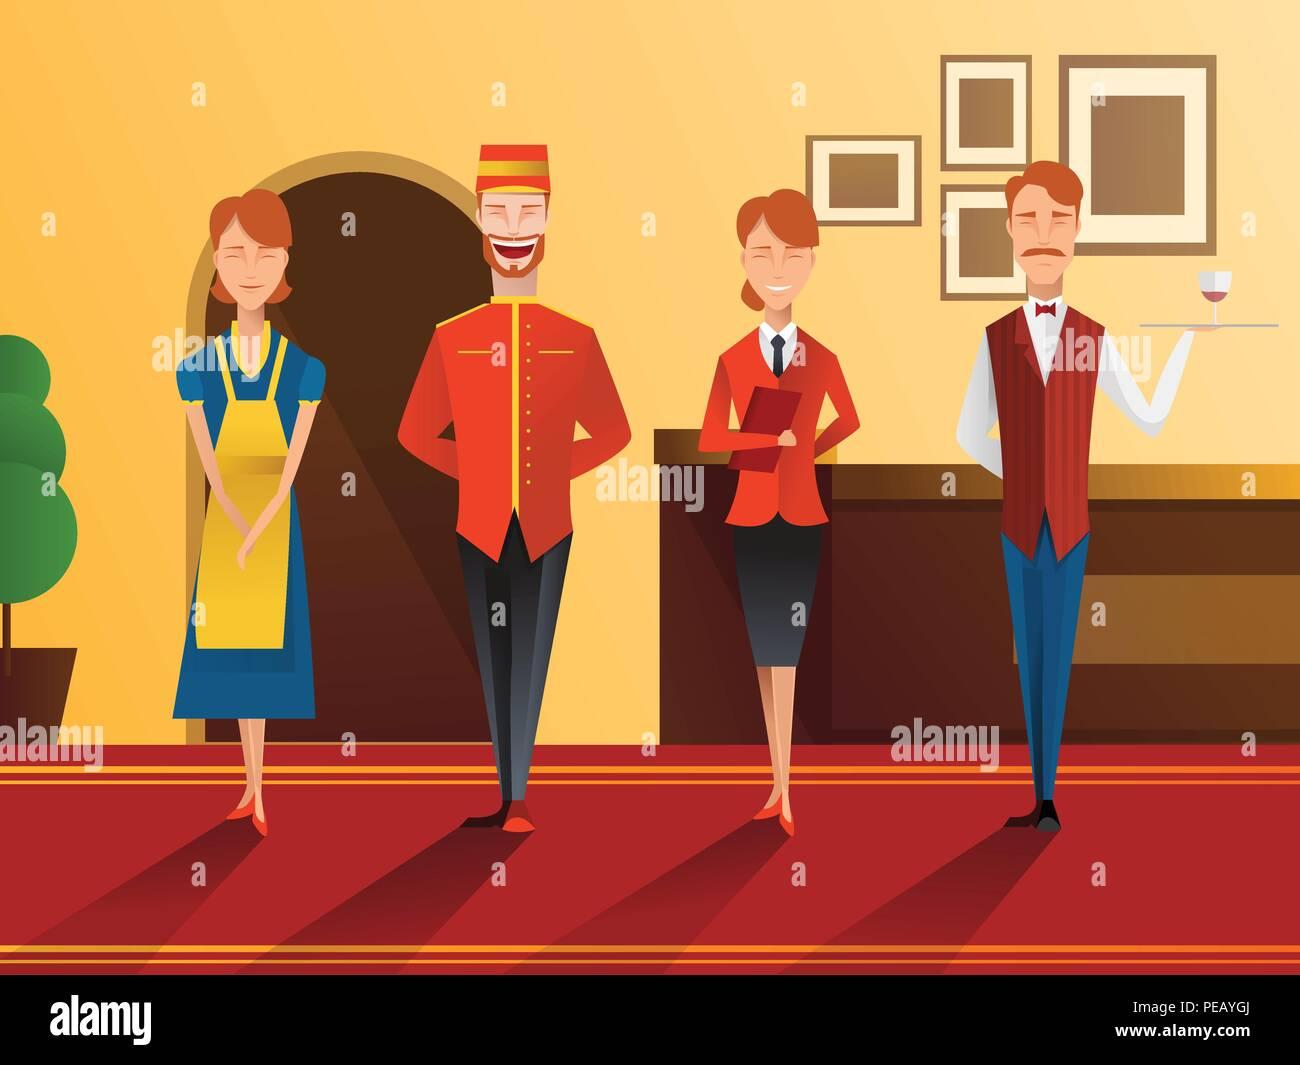 Le personnel de l'hôtel de caractère gradient télévision composition avec réceptionniste, serveur, portier et maid vector illustration Photo Stock